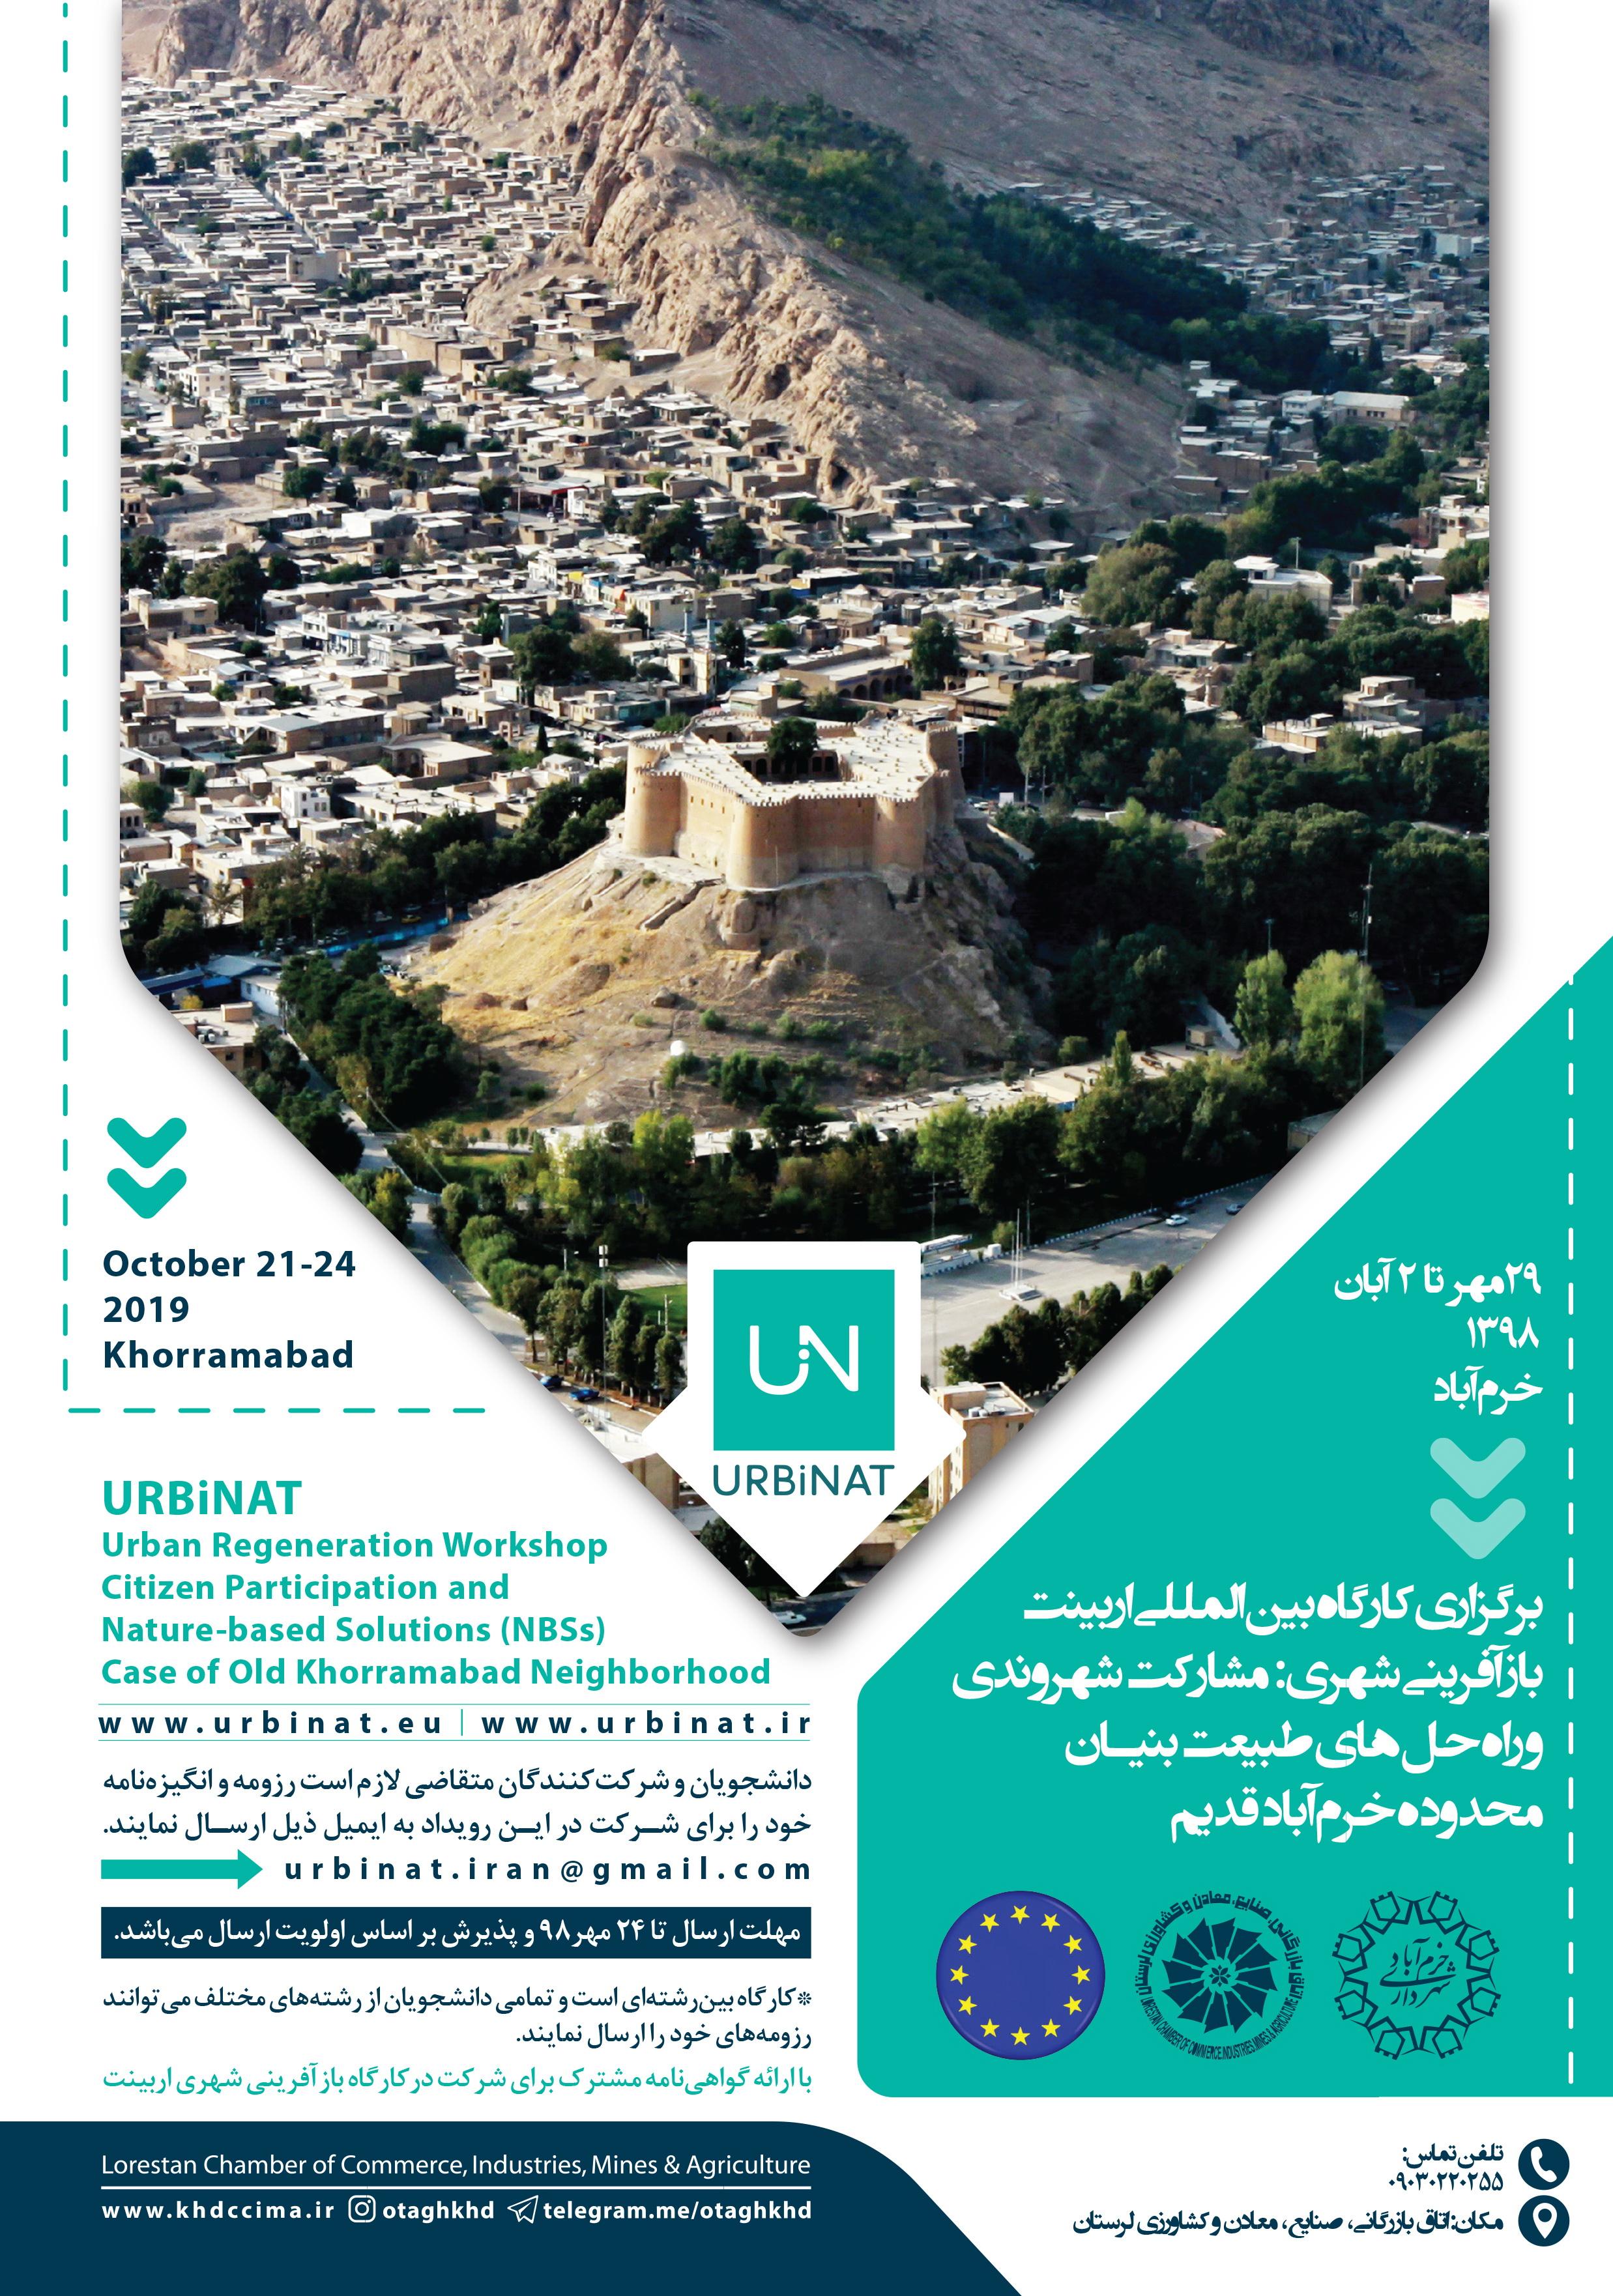 اتاق لرستان با همکاری اتحادیه اروپا برگزار می نماید / رویداد بین المللی اربینت (URBiNAT) بازآفرینی شهری